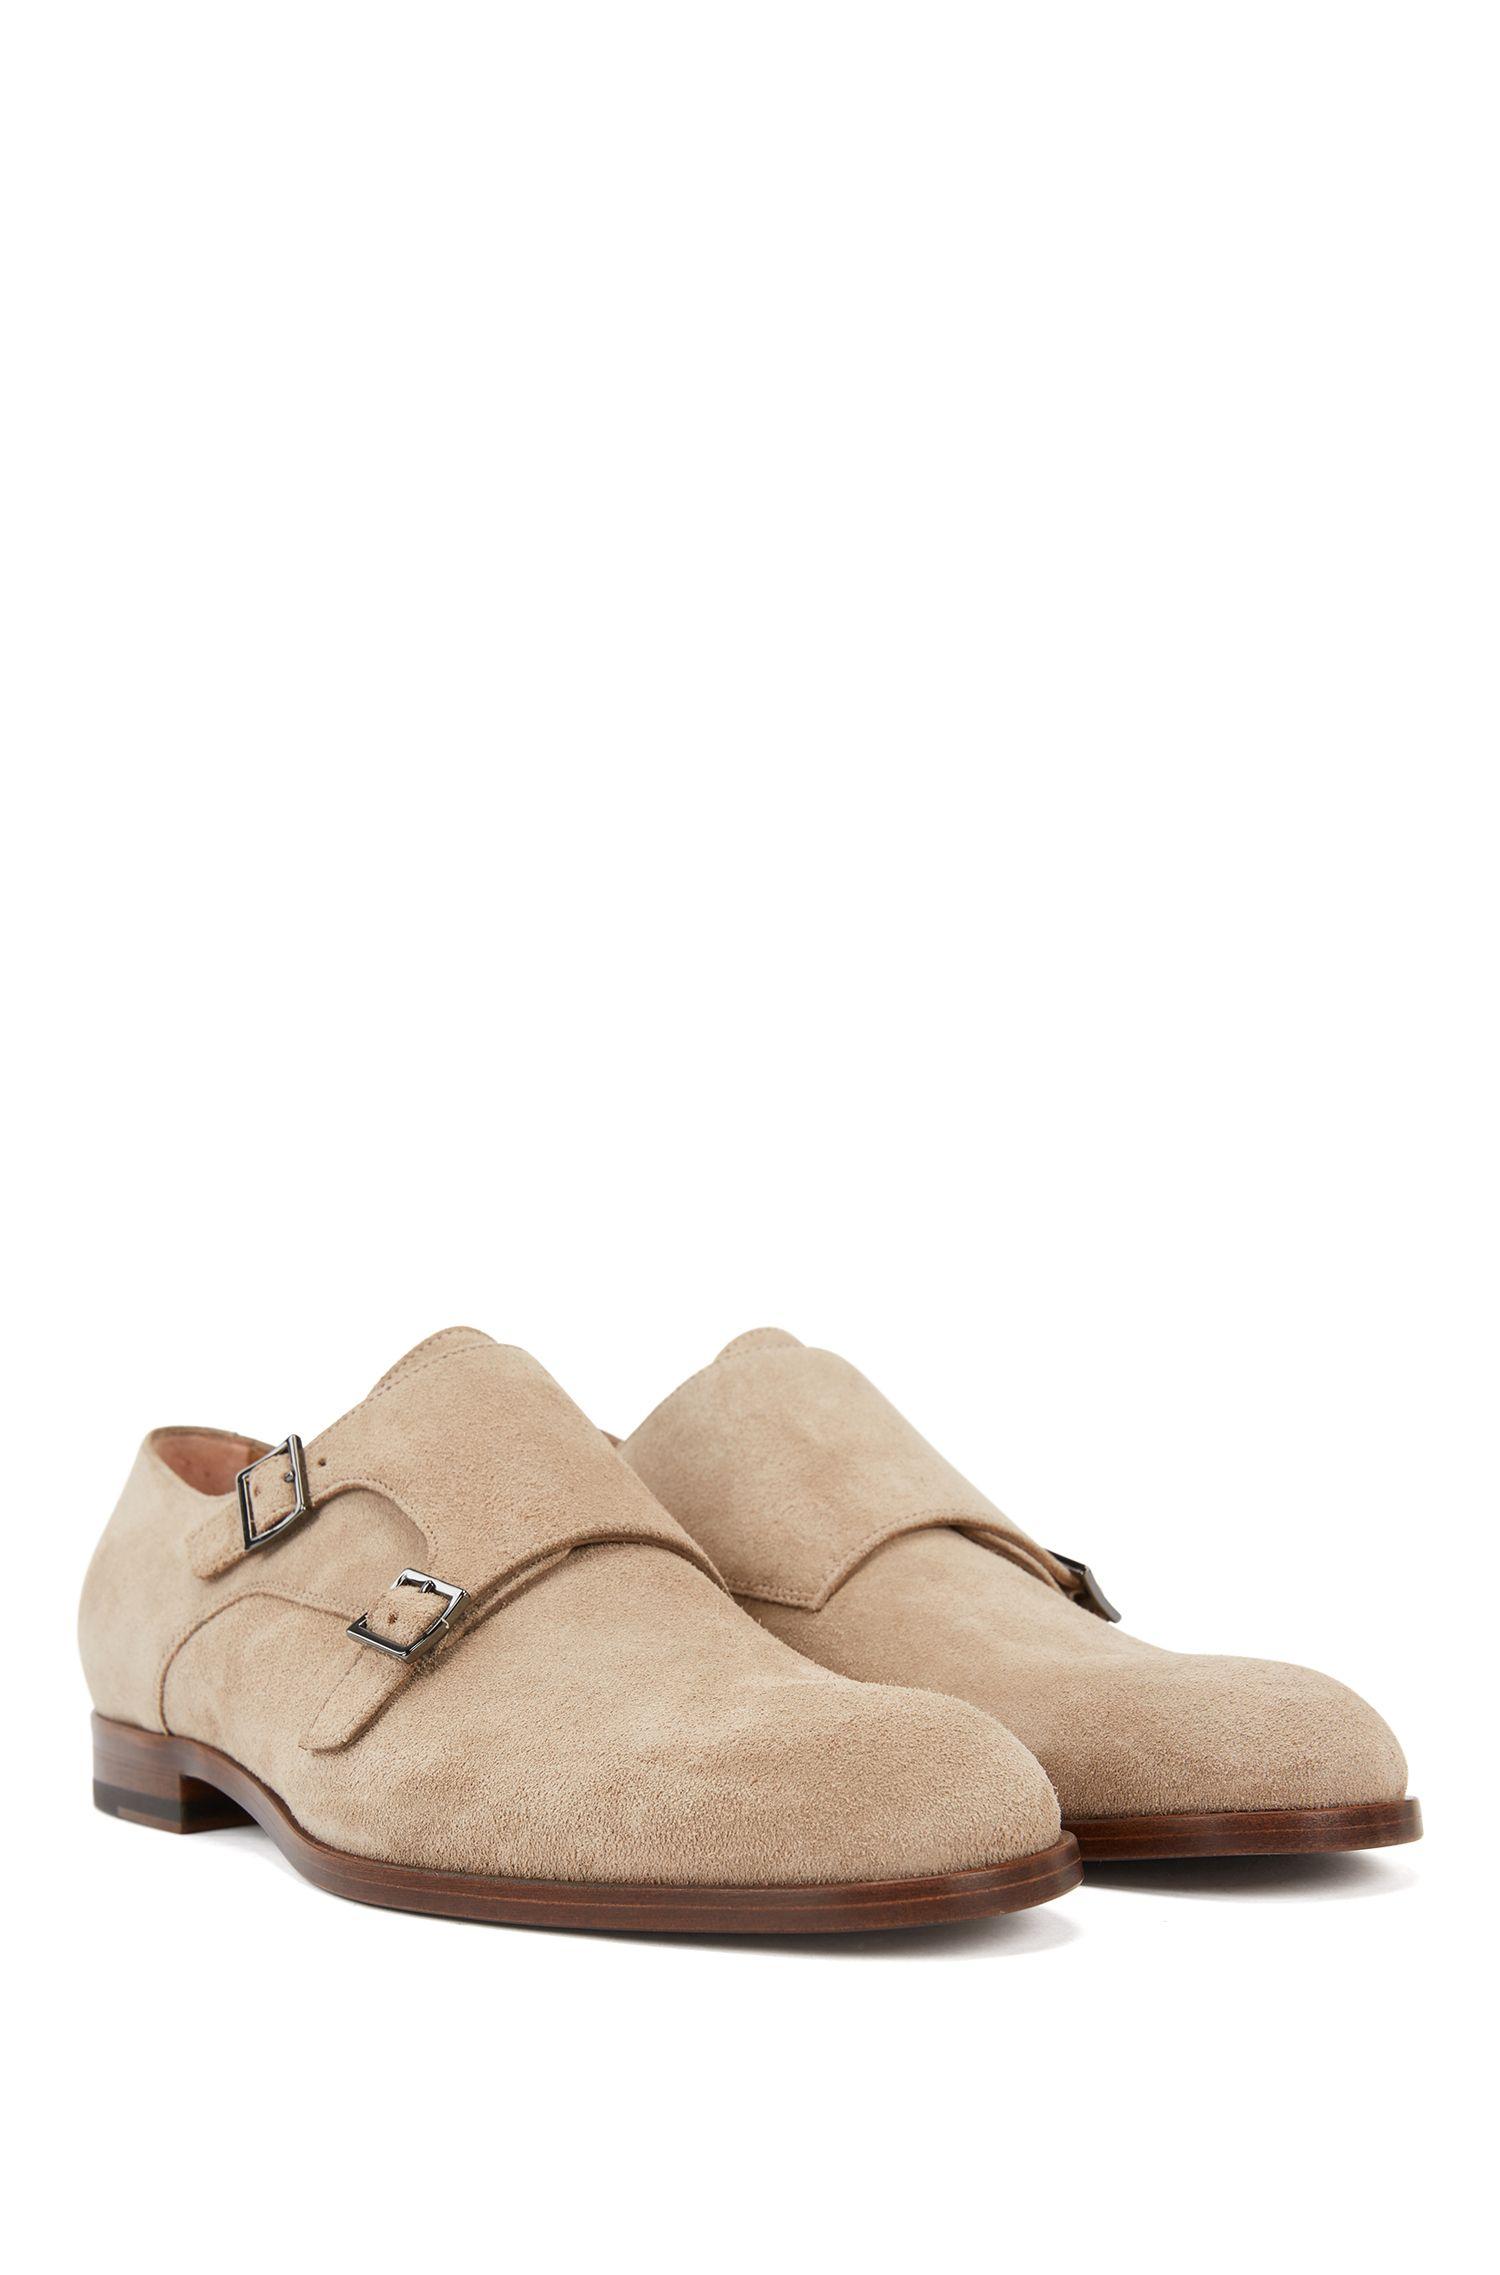 Chaussures en cuir suédé double boucle à semelle extérieure beige, Beige